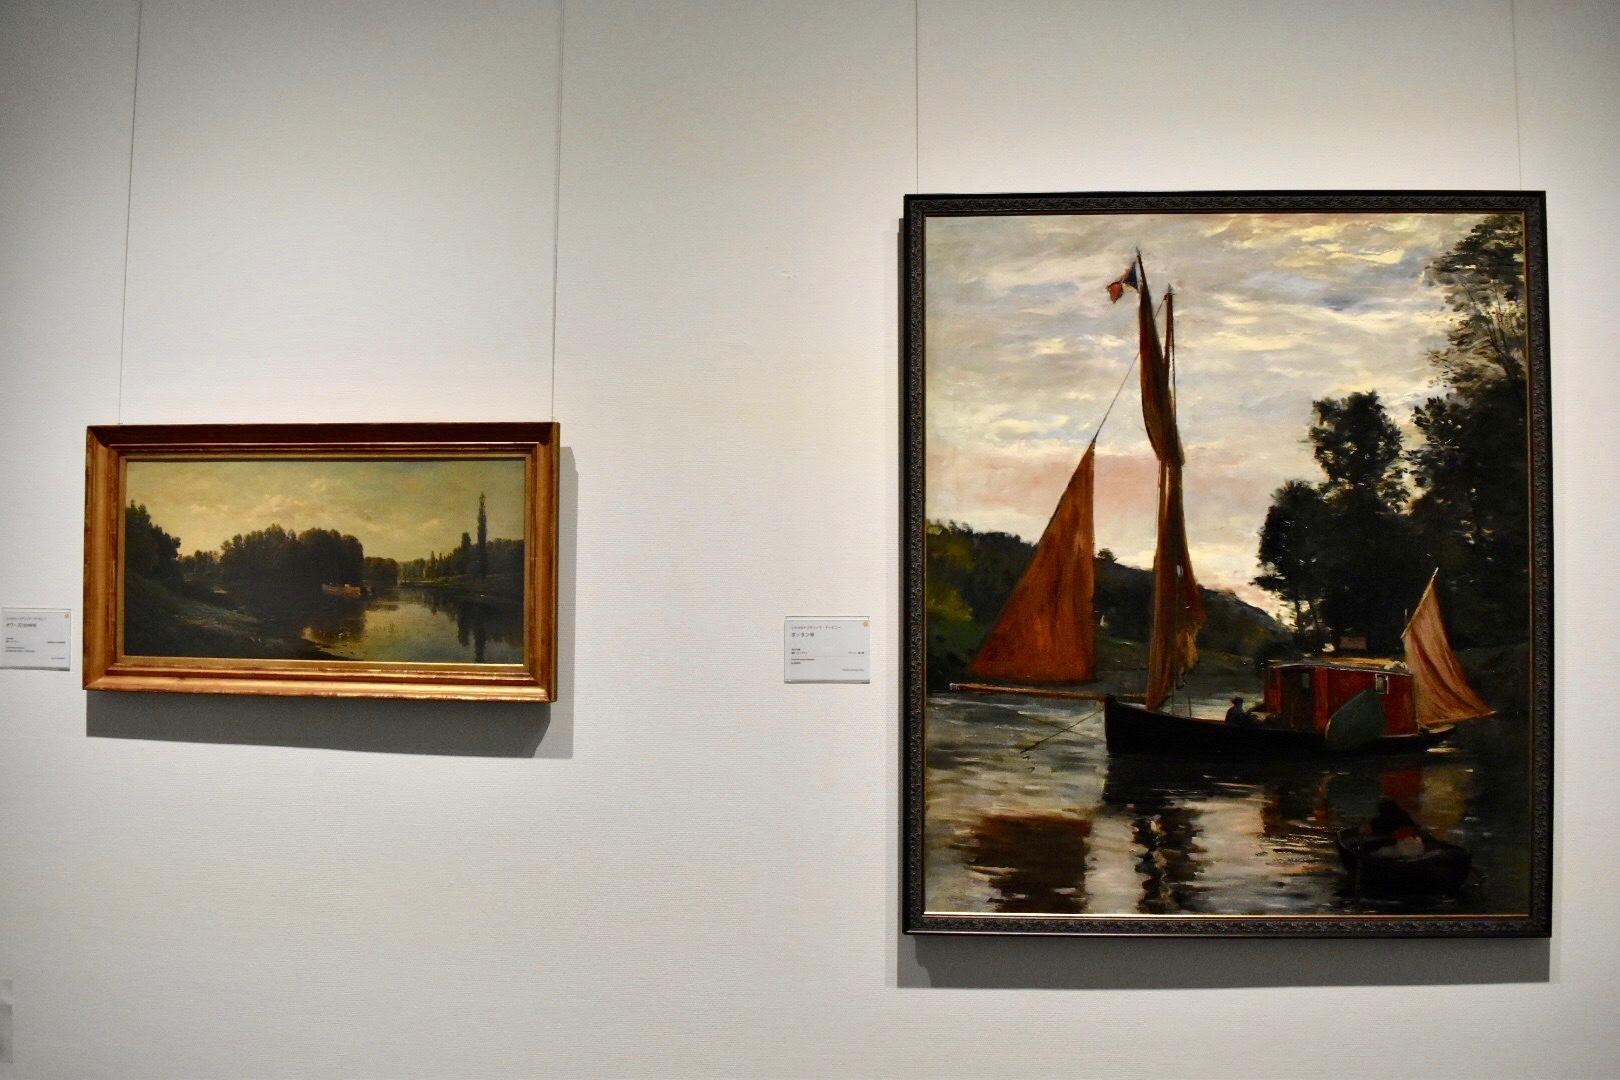 左:シャルル=フランソワ・ドービニー 《オワーズ川の中州》 1860年頃 公益財団法人村内美術館蔵 右:シャルル=フランソワ・ドービニー 《ボッタン号》 1869年頃 個人蔵